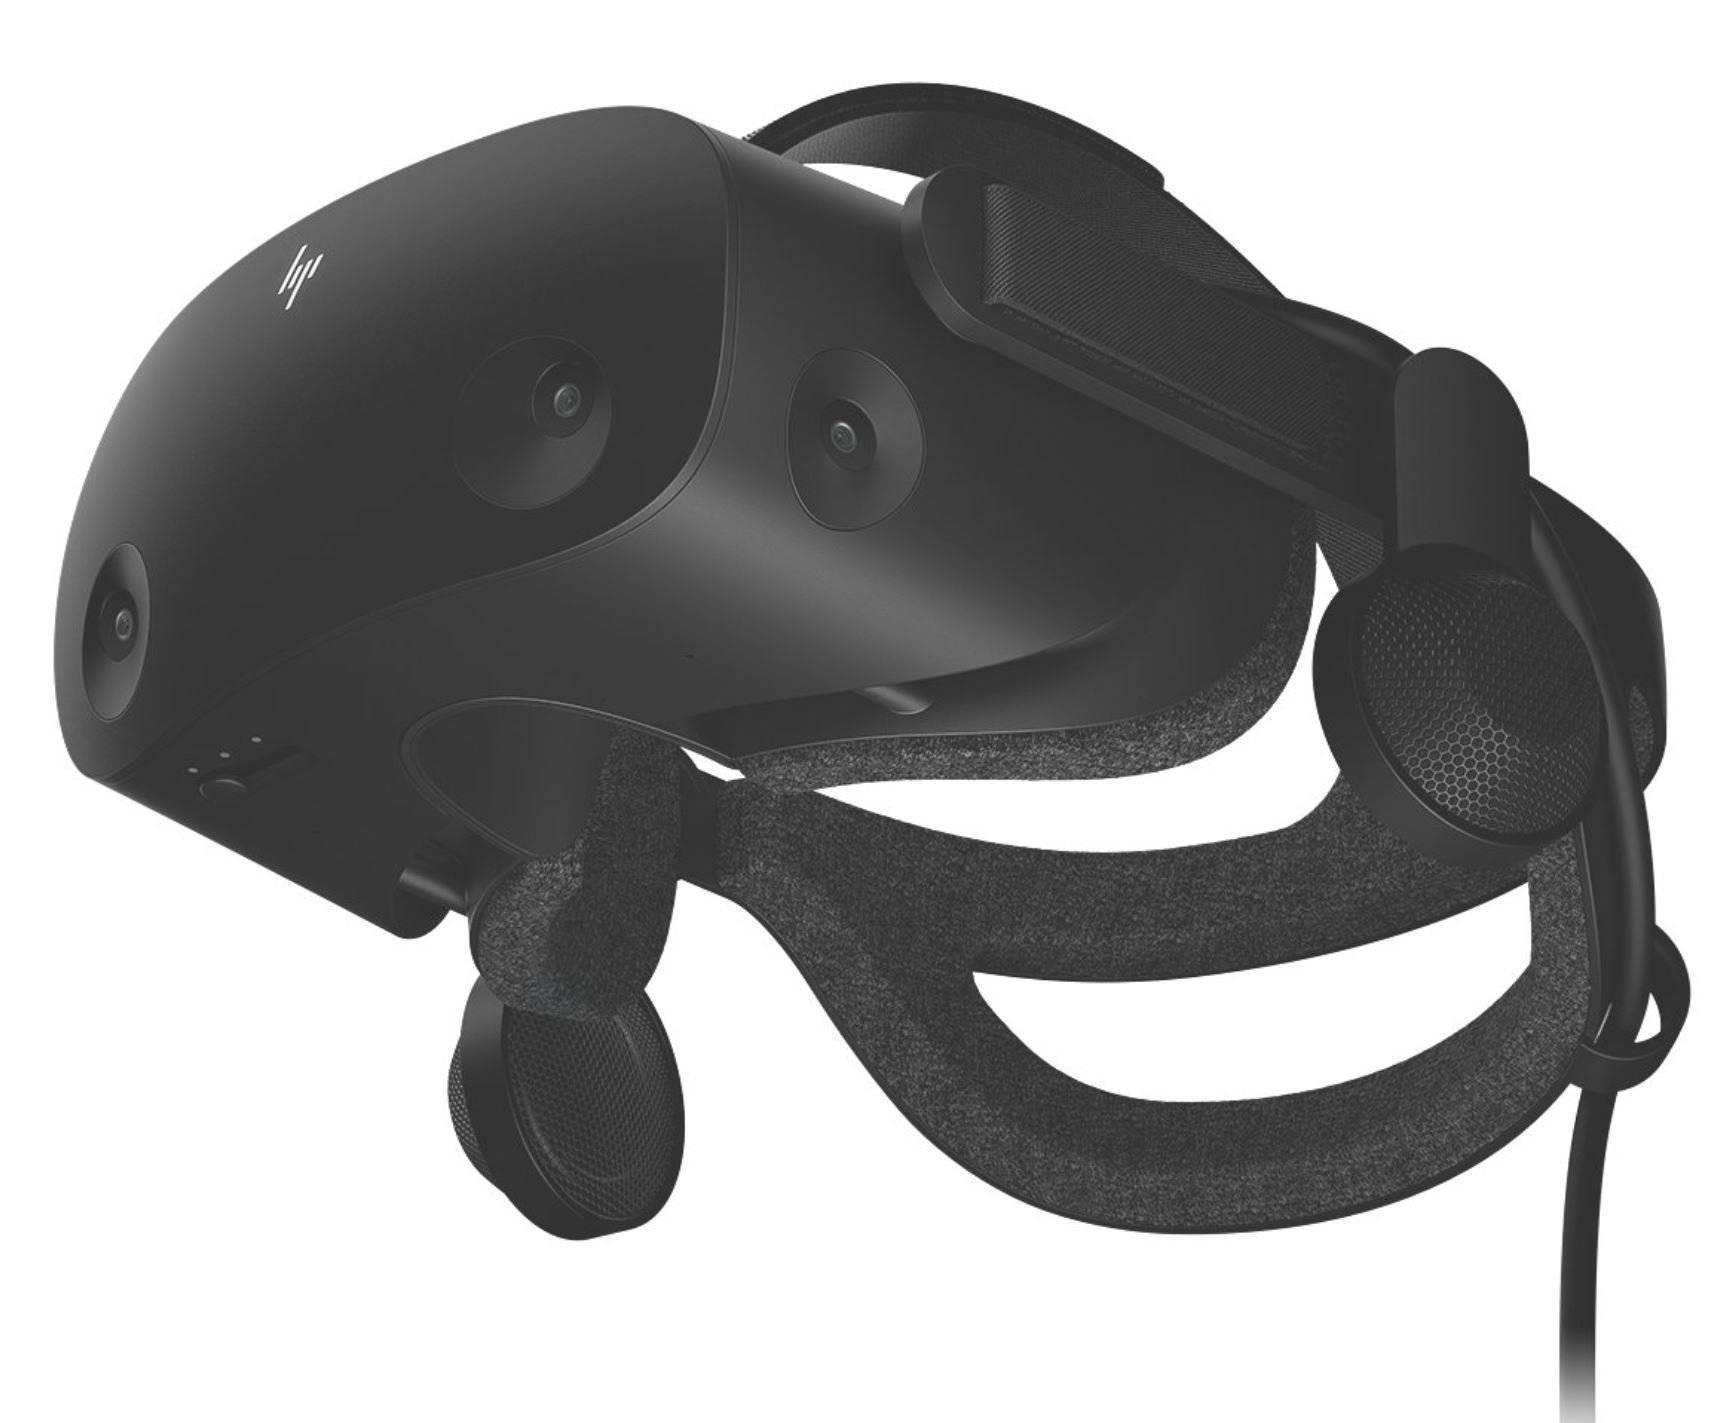 HP Reverb G2高分辨率VR耳机现已发售,售价599.99美元